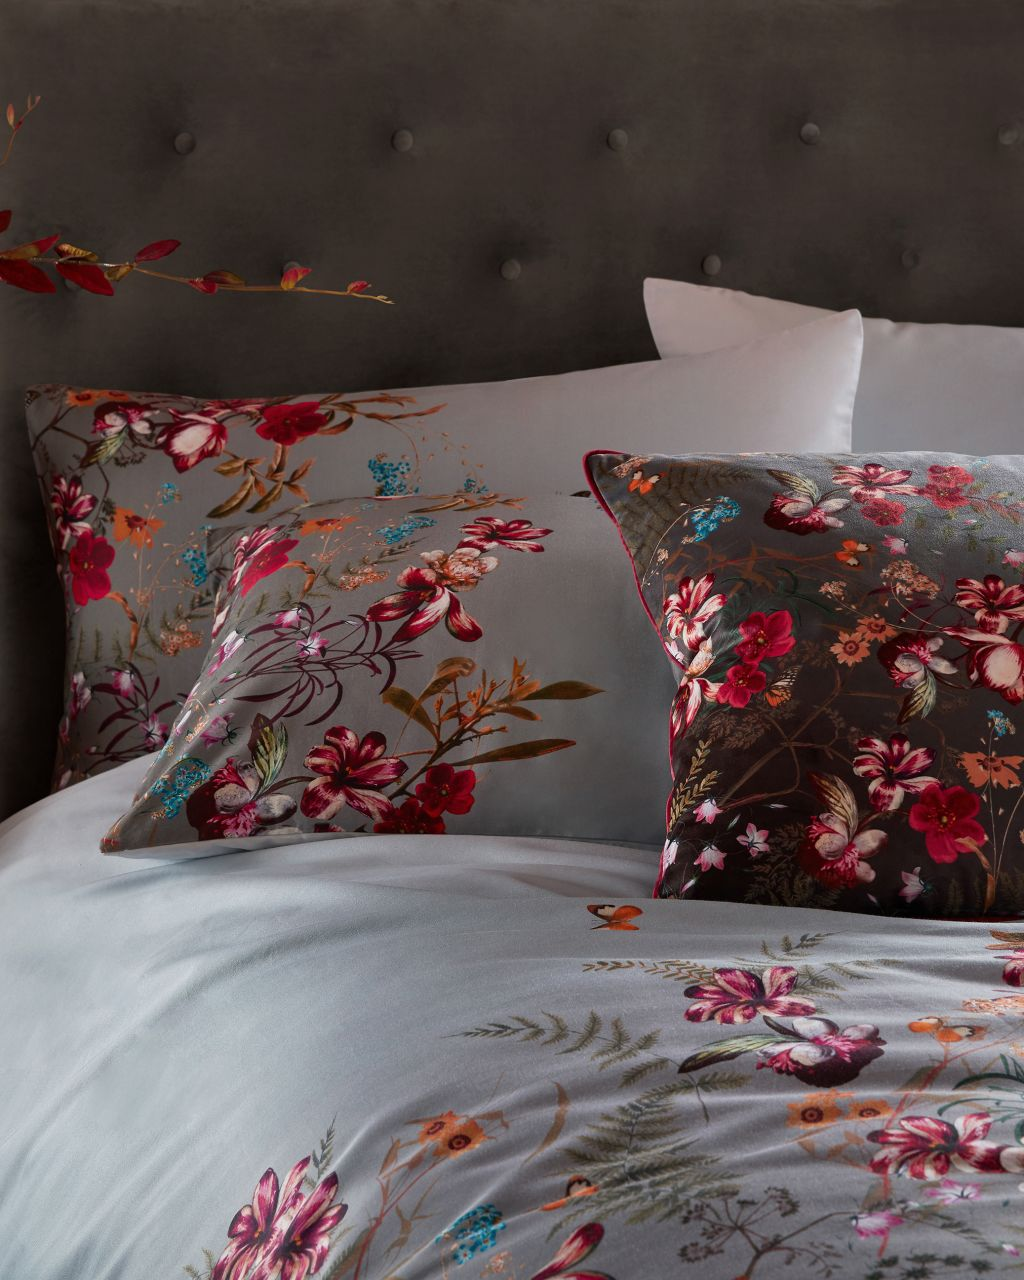 Artikel klicken und genauer betrachten! - Der FERNISA Bettbezug garantiert Ihnen eine erholsame, luxuriöse Nachtruhe. Der weiche Baumwollbezug wurde mit dem eleganten Fern Forest-Print verziert und lässt in Kombination mit den passenden FERNNA Kissen Ihr Schlafzimmer aufblühen. | im Online Shop kaufen